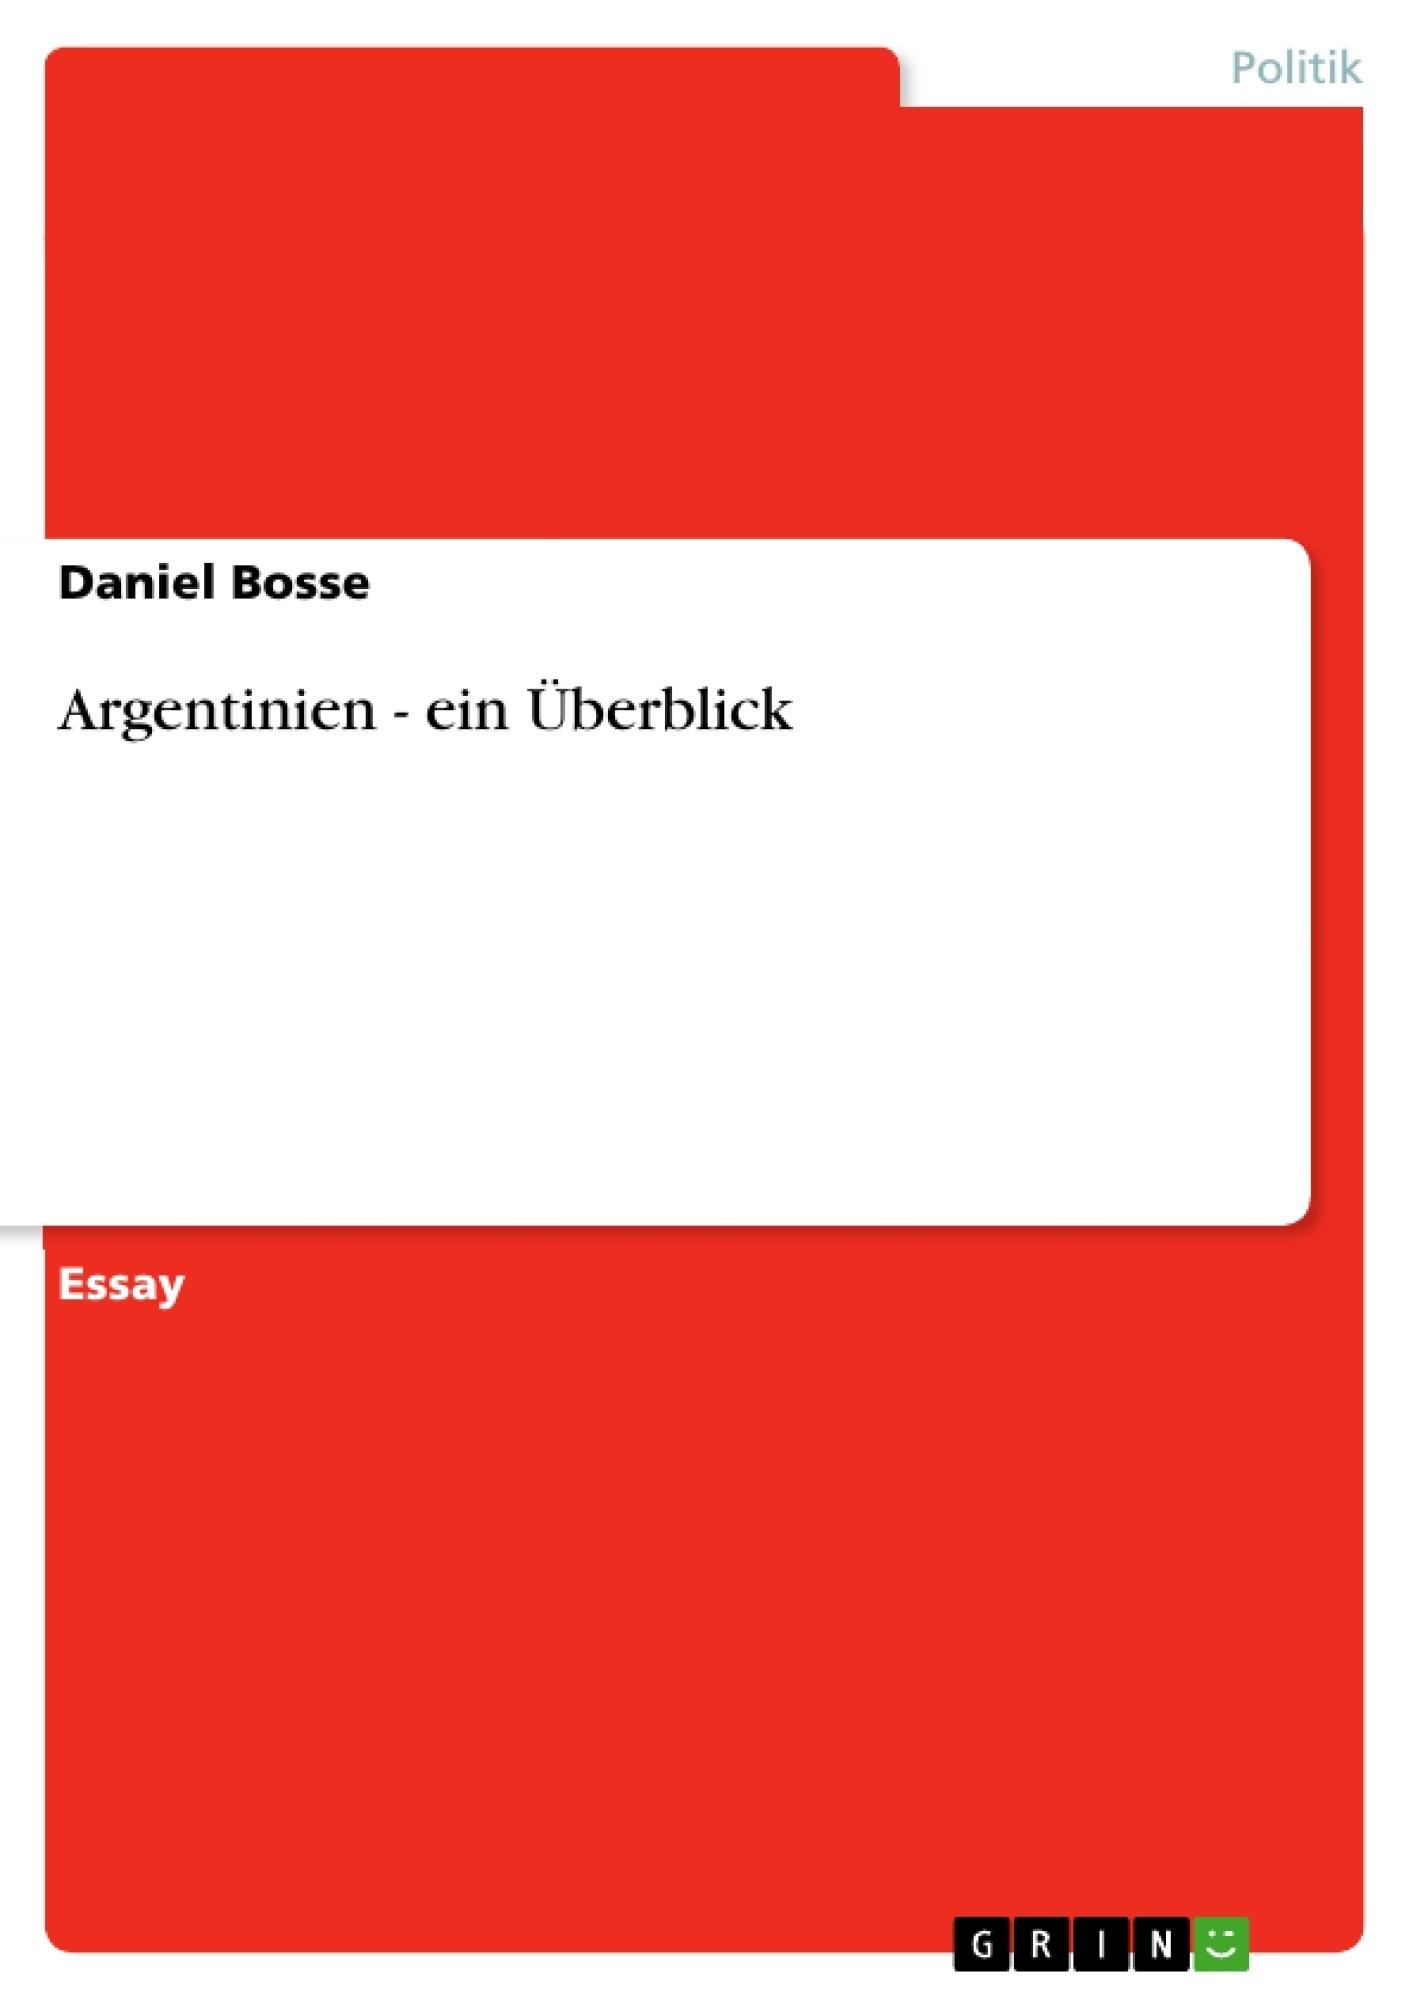 Titel: Argentinien - ein Überblick